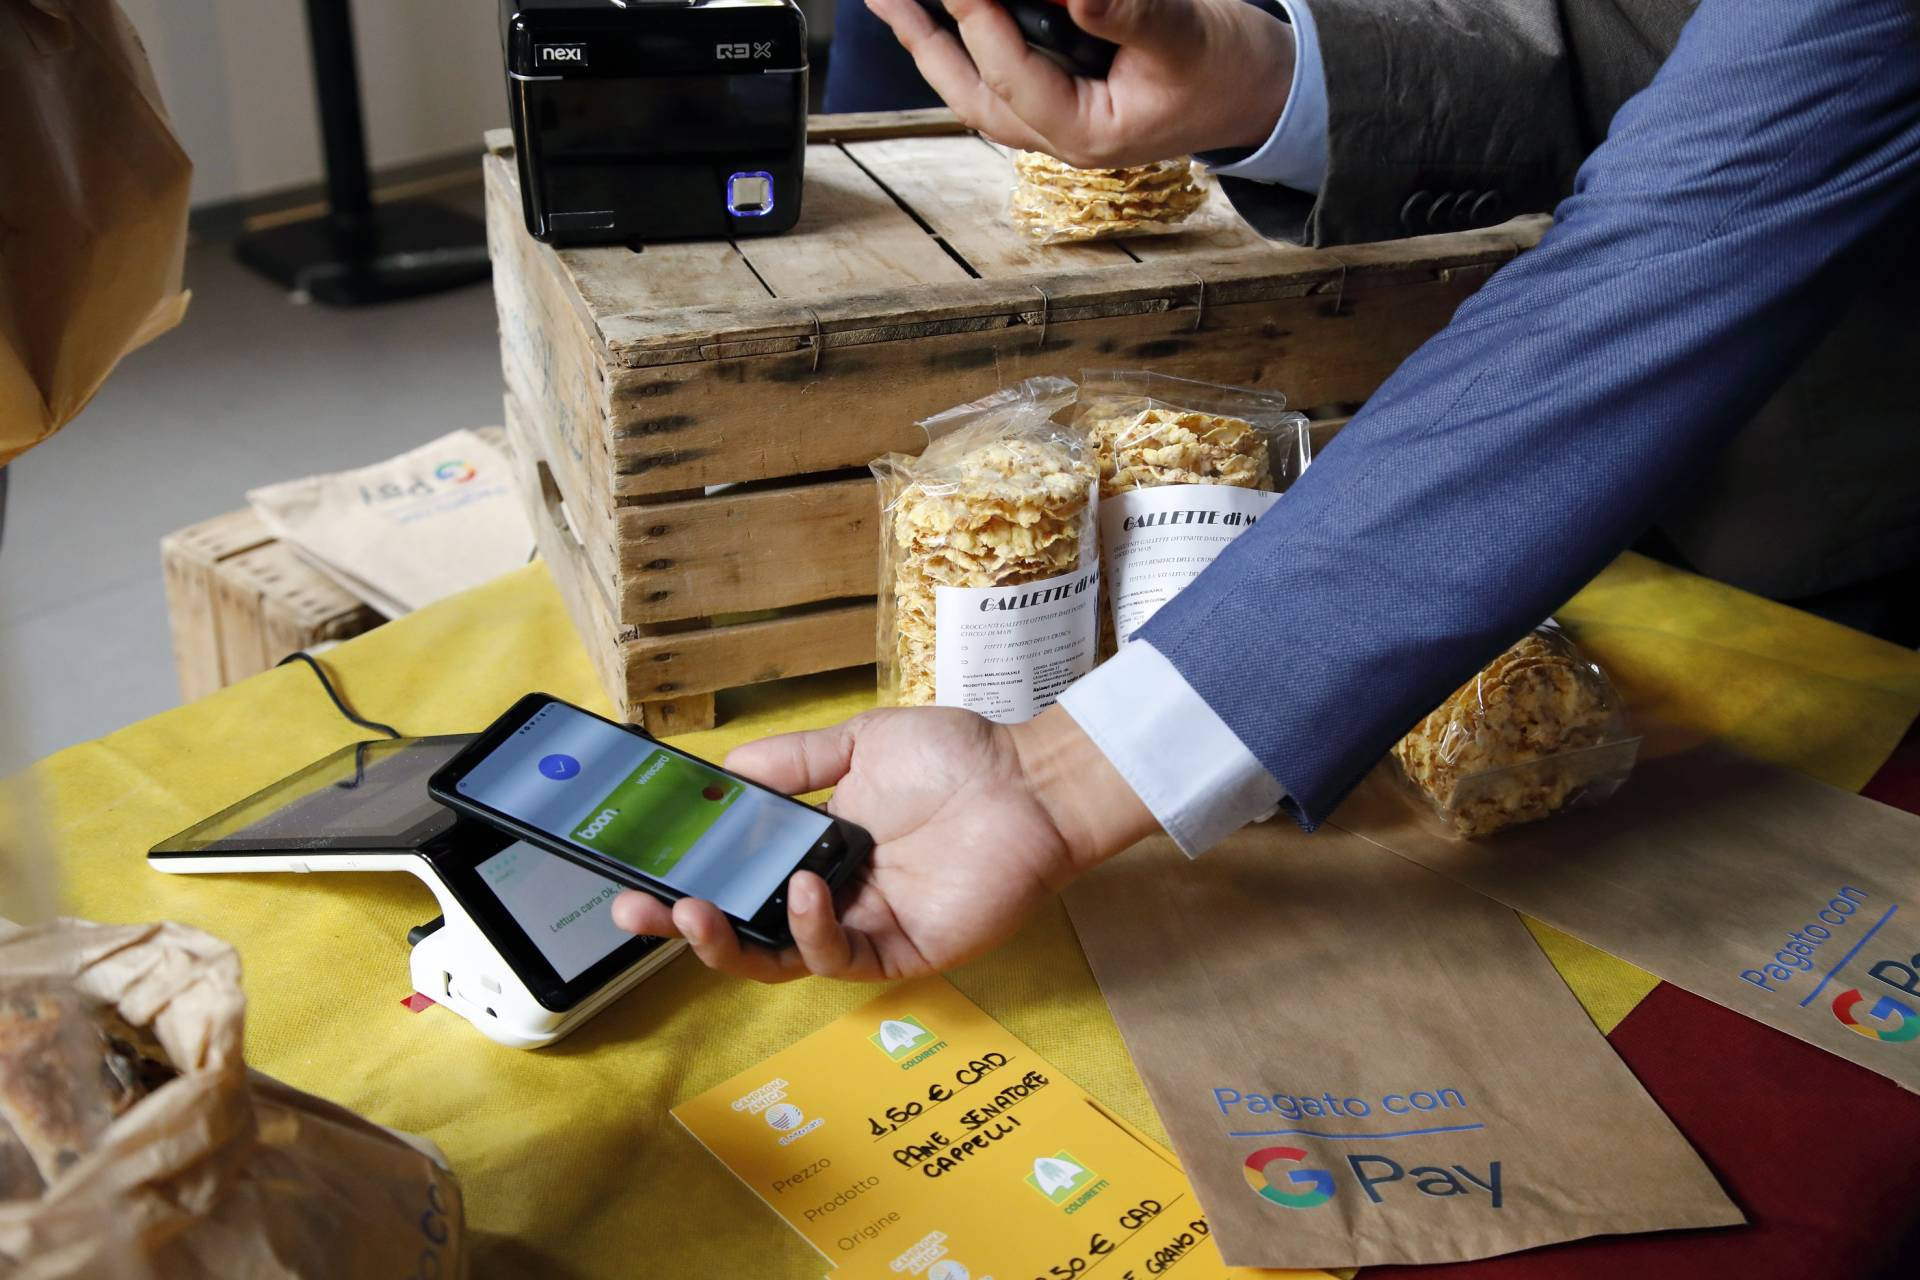 Google Pay in Italia: come funziona e le banche che aderiscono